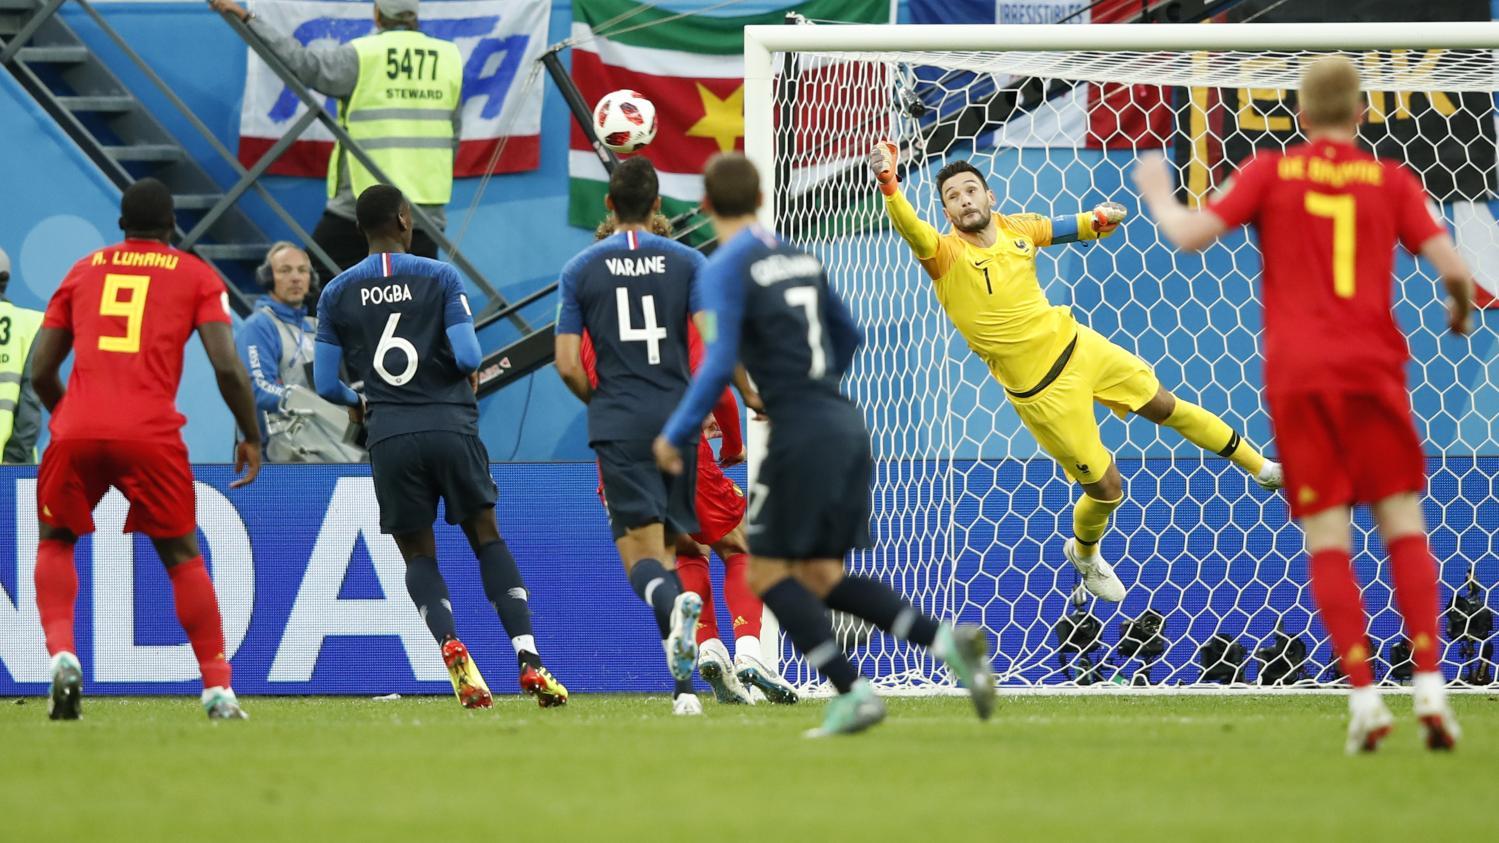 Direct coupe du monde 2018 varane et lloris tiennent bout de bras la maison fran aise face - Coupe de france direct tv ...